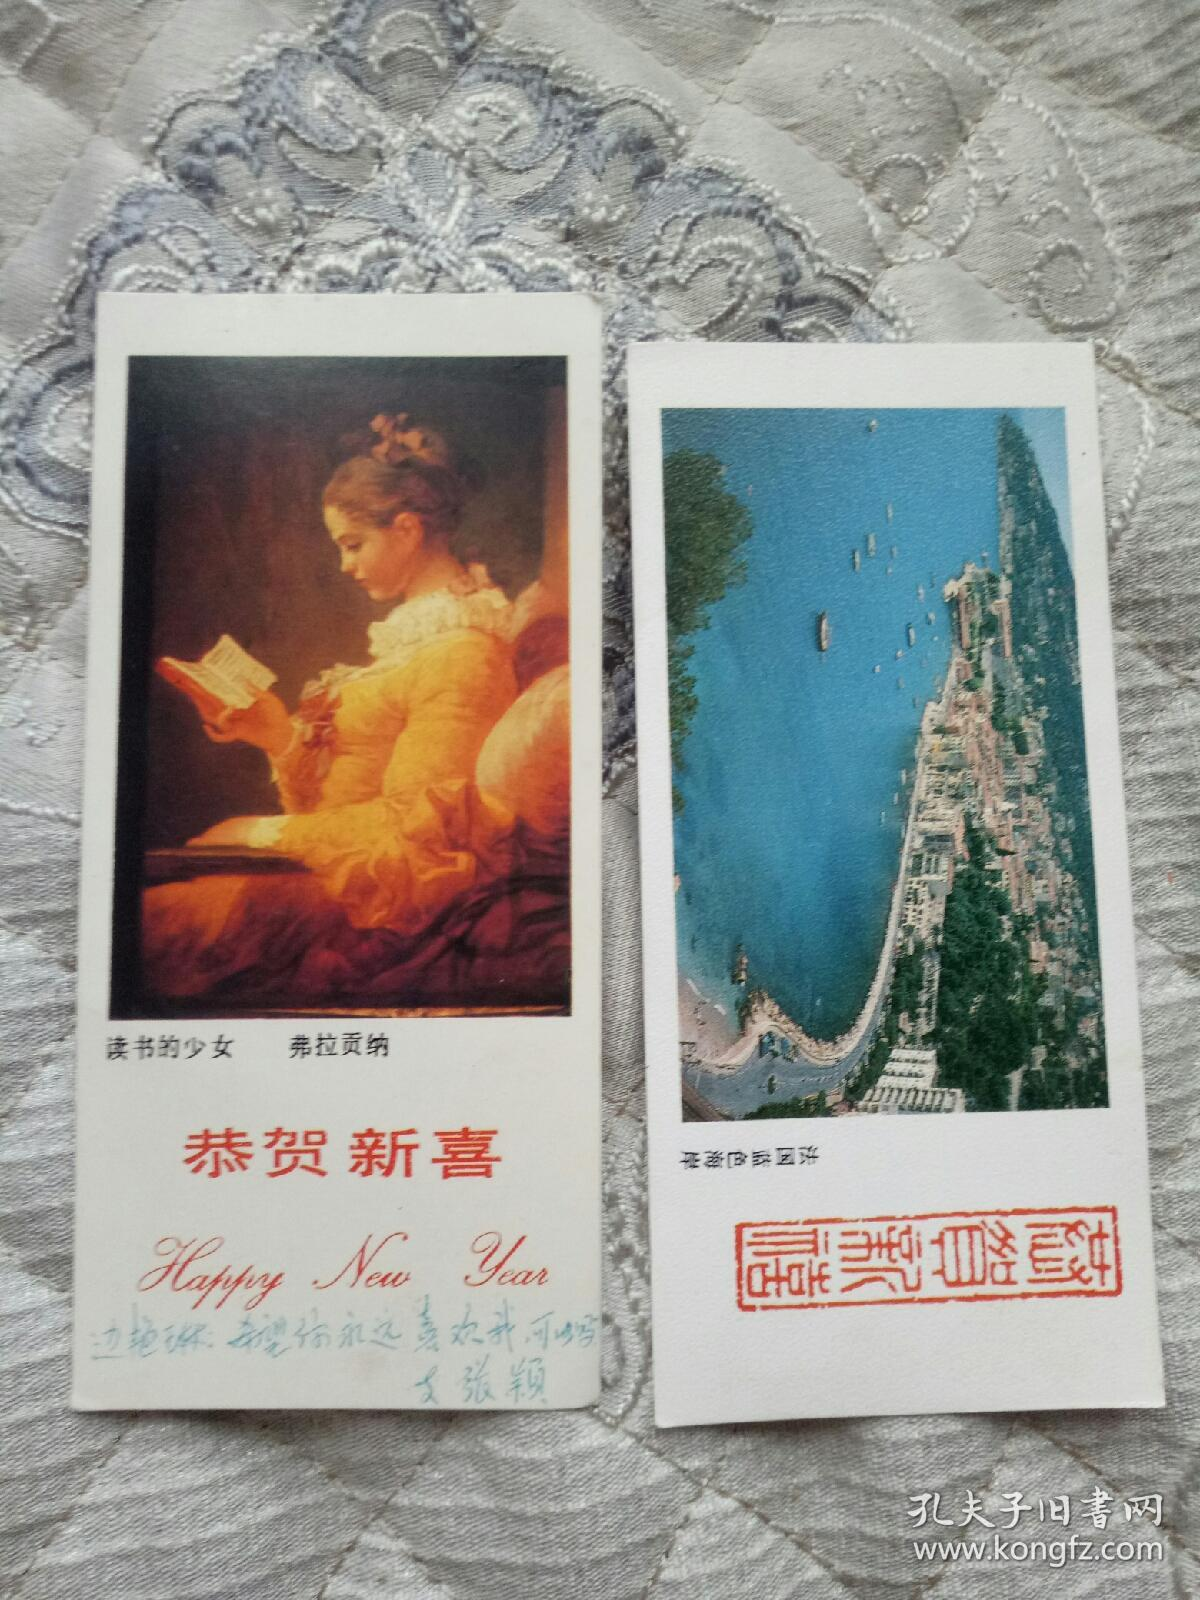 1987年 恭贺新喜 年历卡(3张)